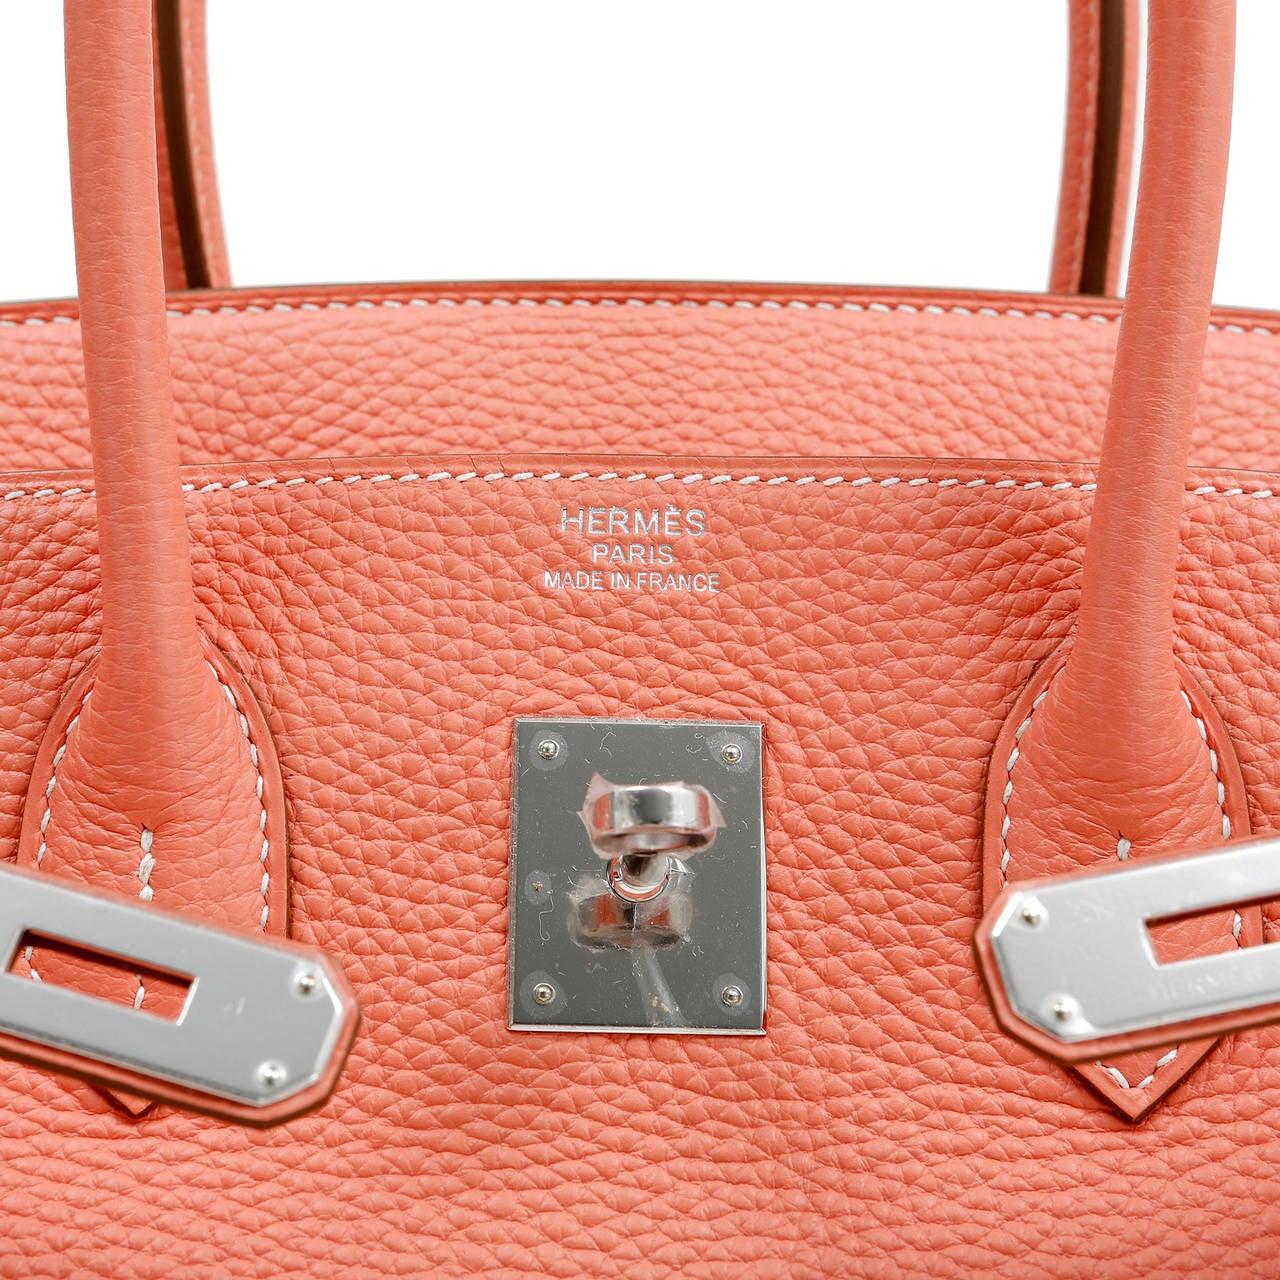 Hermes Crevette Togo 35 cm Birkin Bag- Salmon Pink Color 9